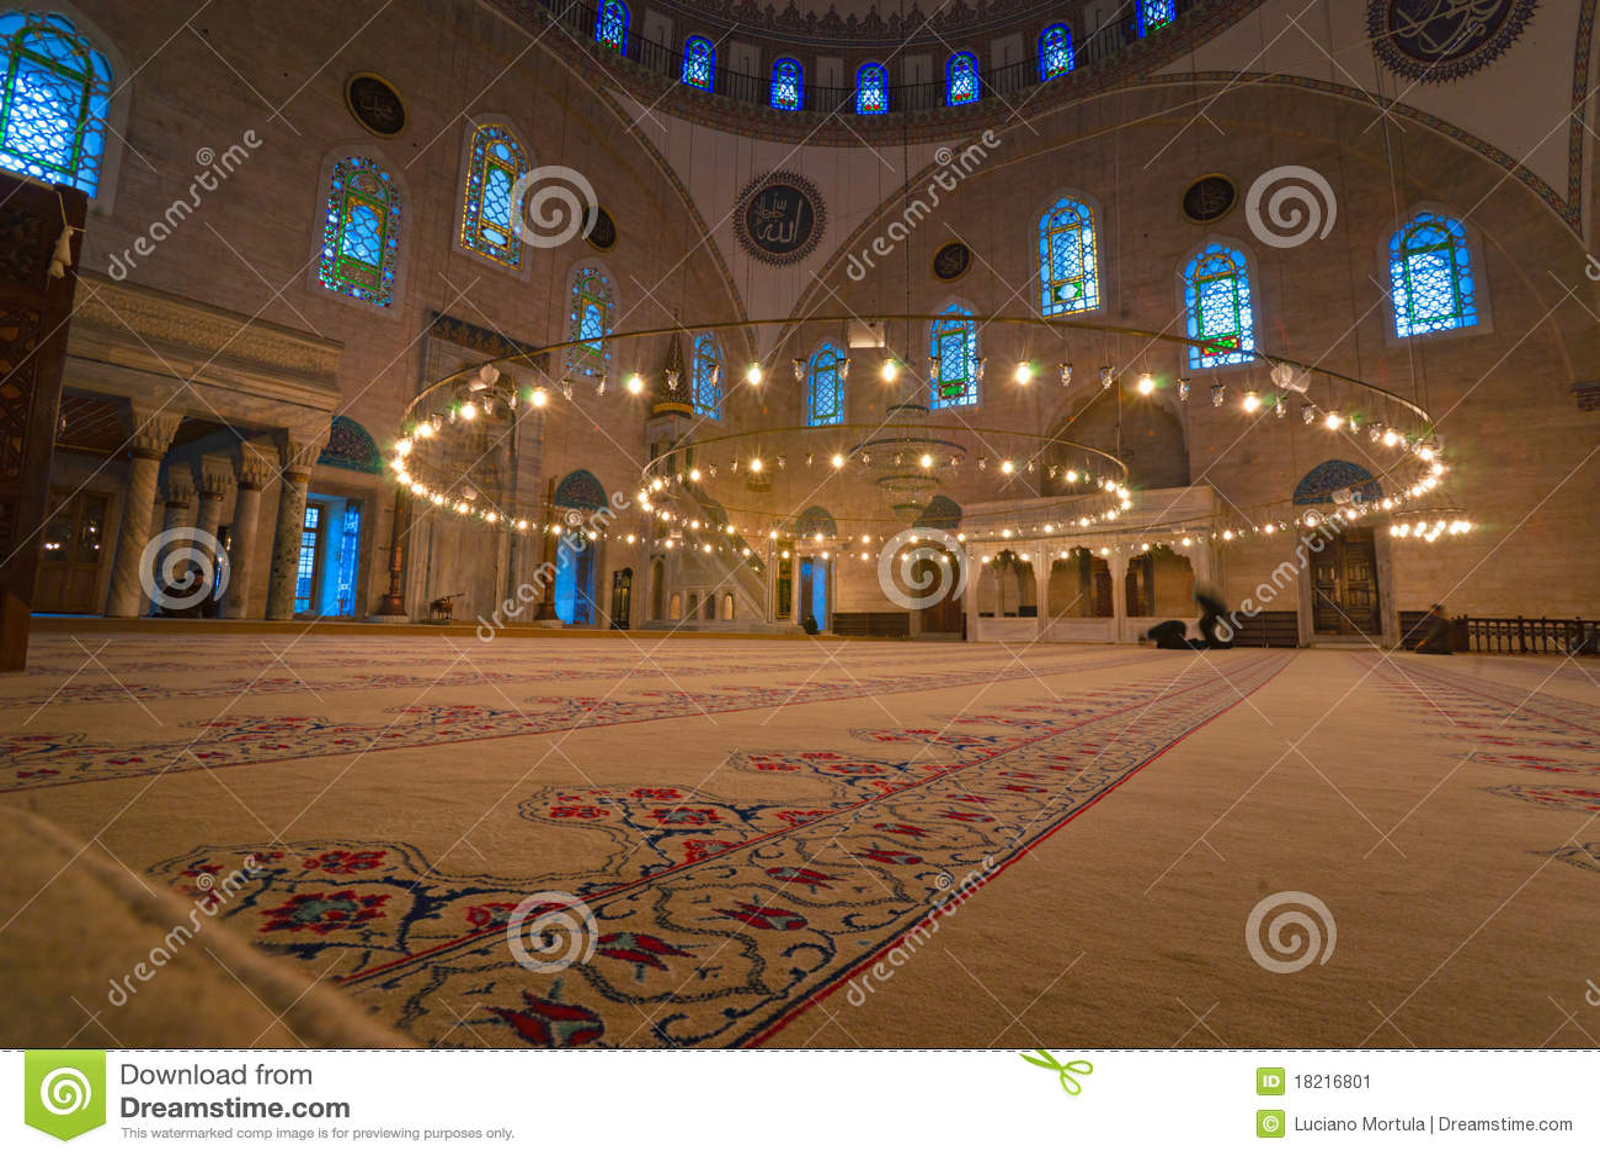 Mosquée de Hagia Sophia, Istanbul, Turquie.